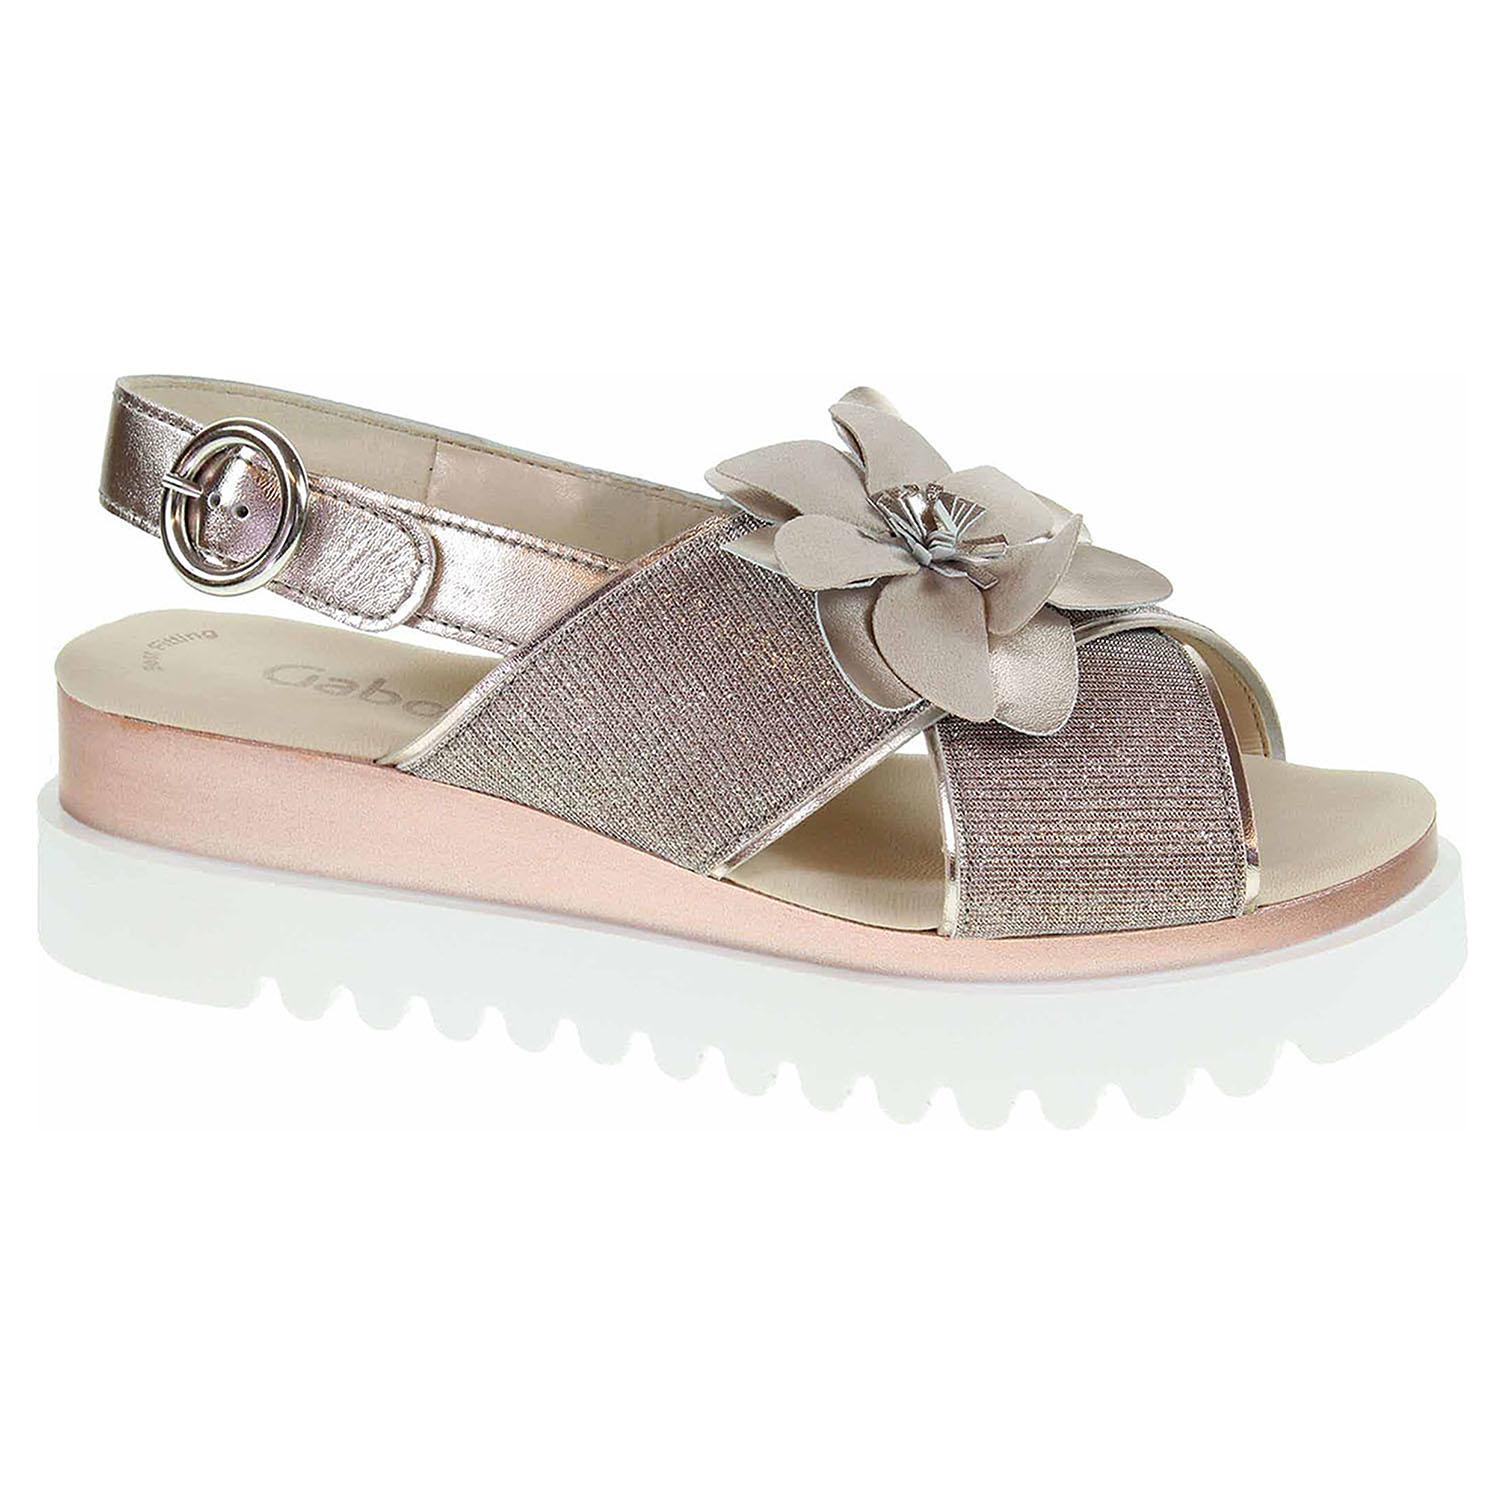 23.616.64 rosato/muschel módní dámské sandály, F šíře, kytička